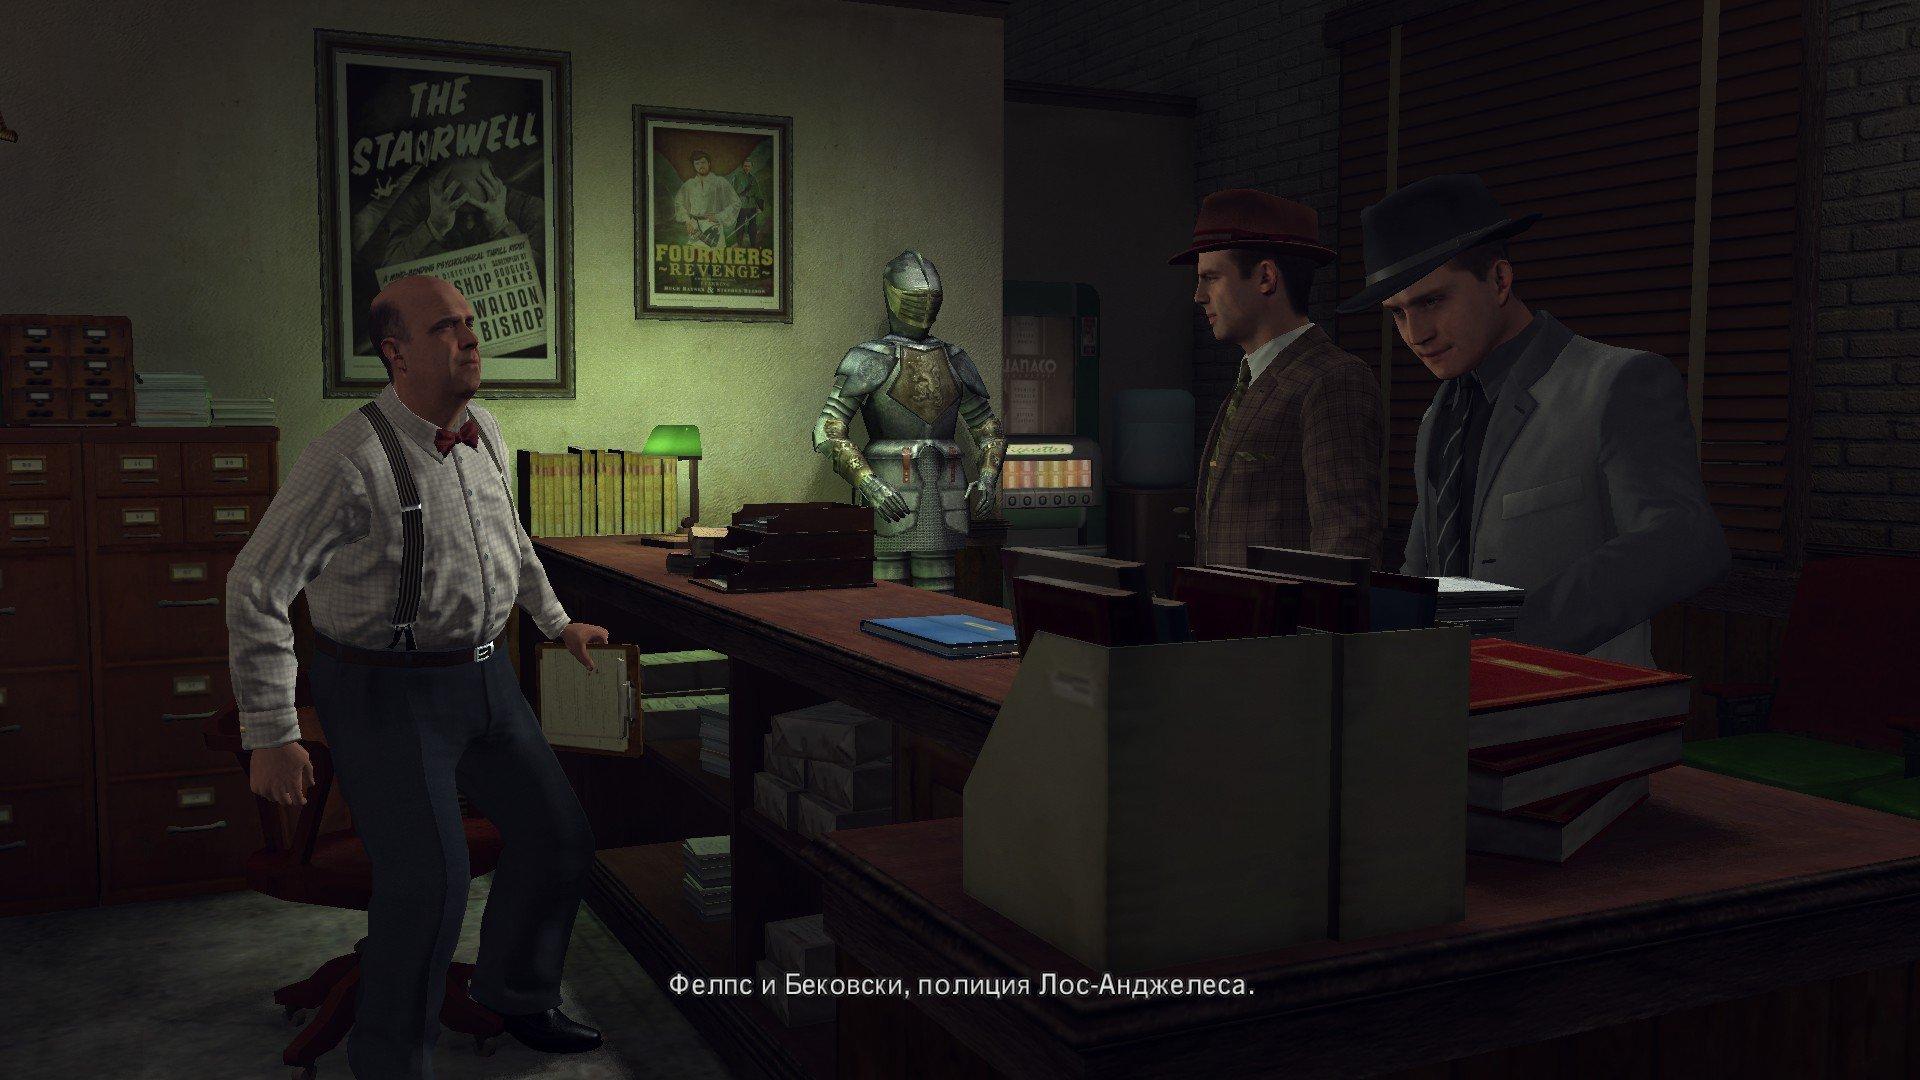 Пост-прохождение L.A. Noire Часть 5 - Изображение 32